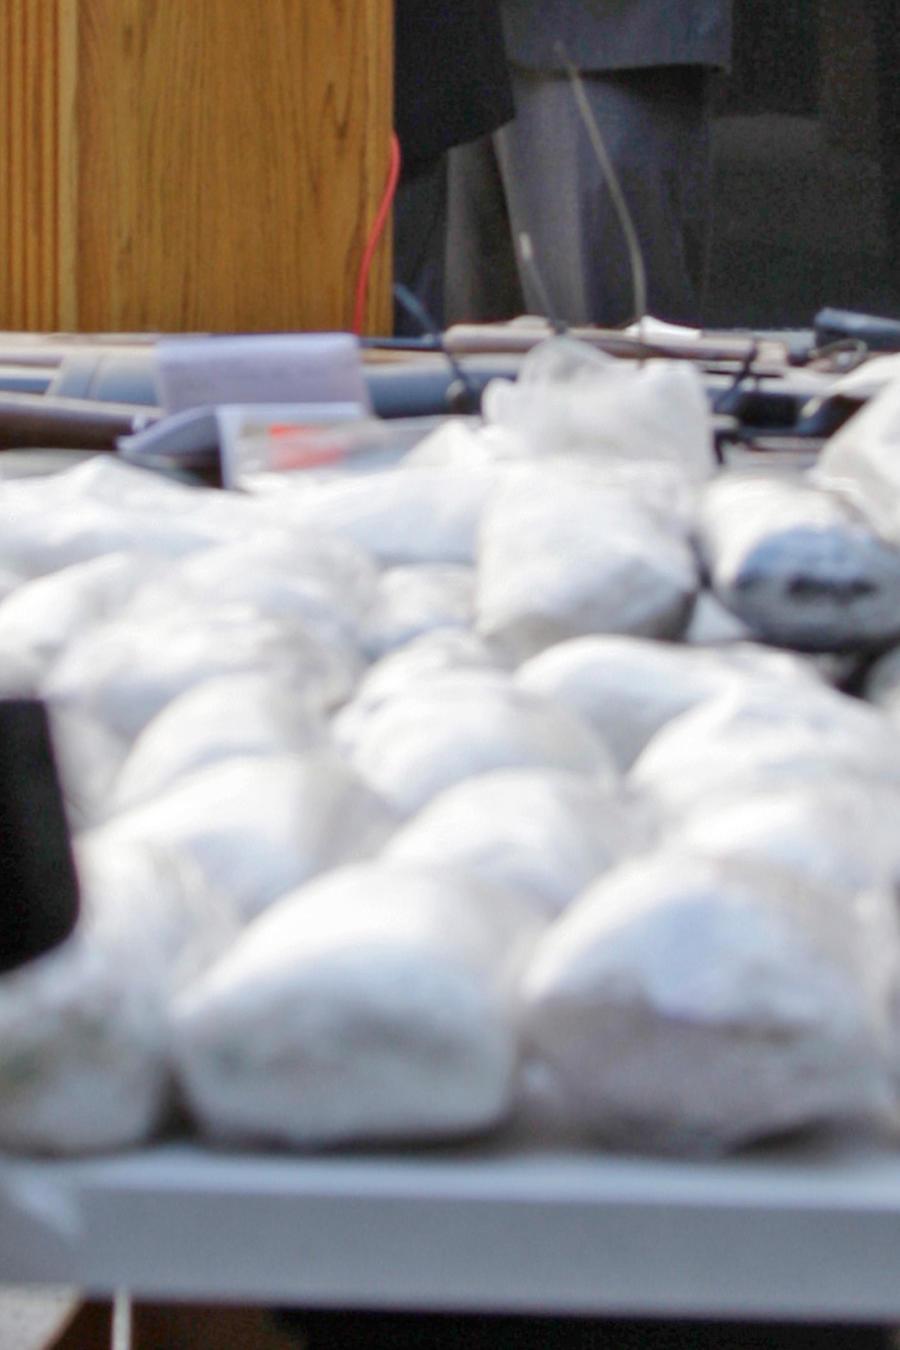 Incautación de drogas en una image de archivo